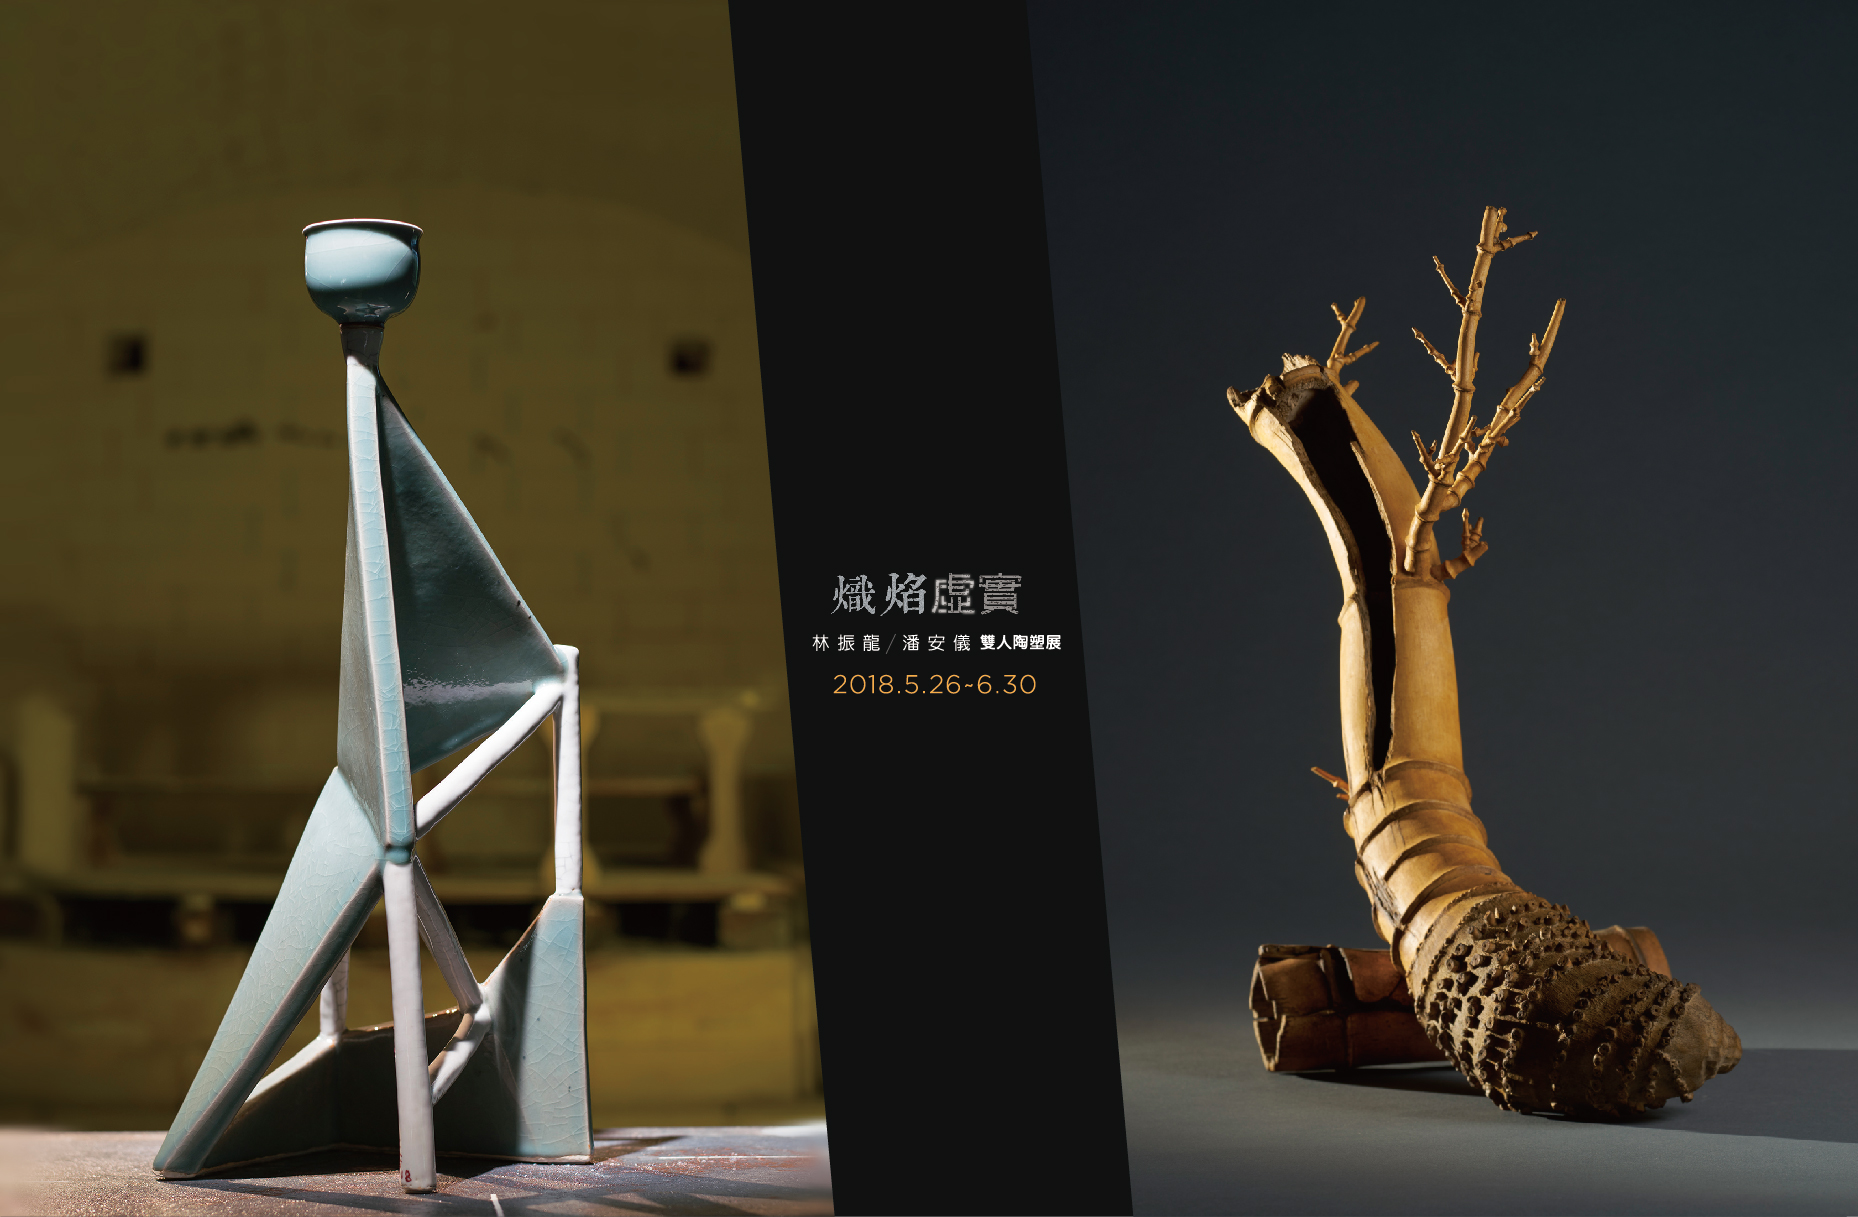 「熾焰虛實」潘安儀 / 林振龍 雙人陶塑展